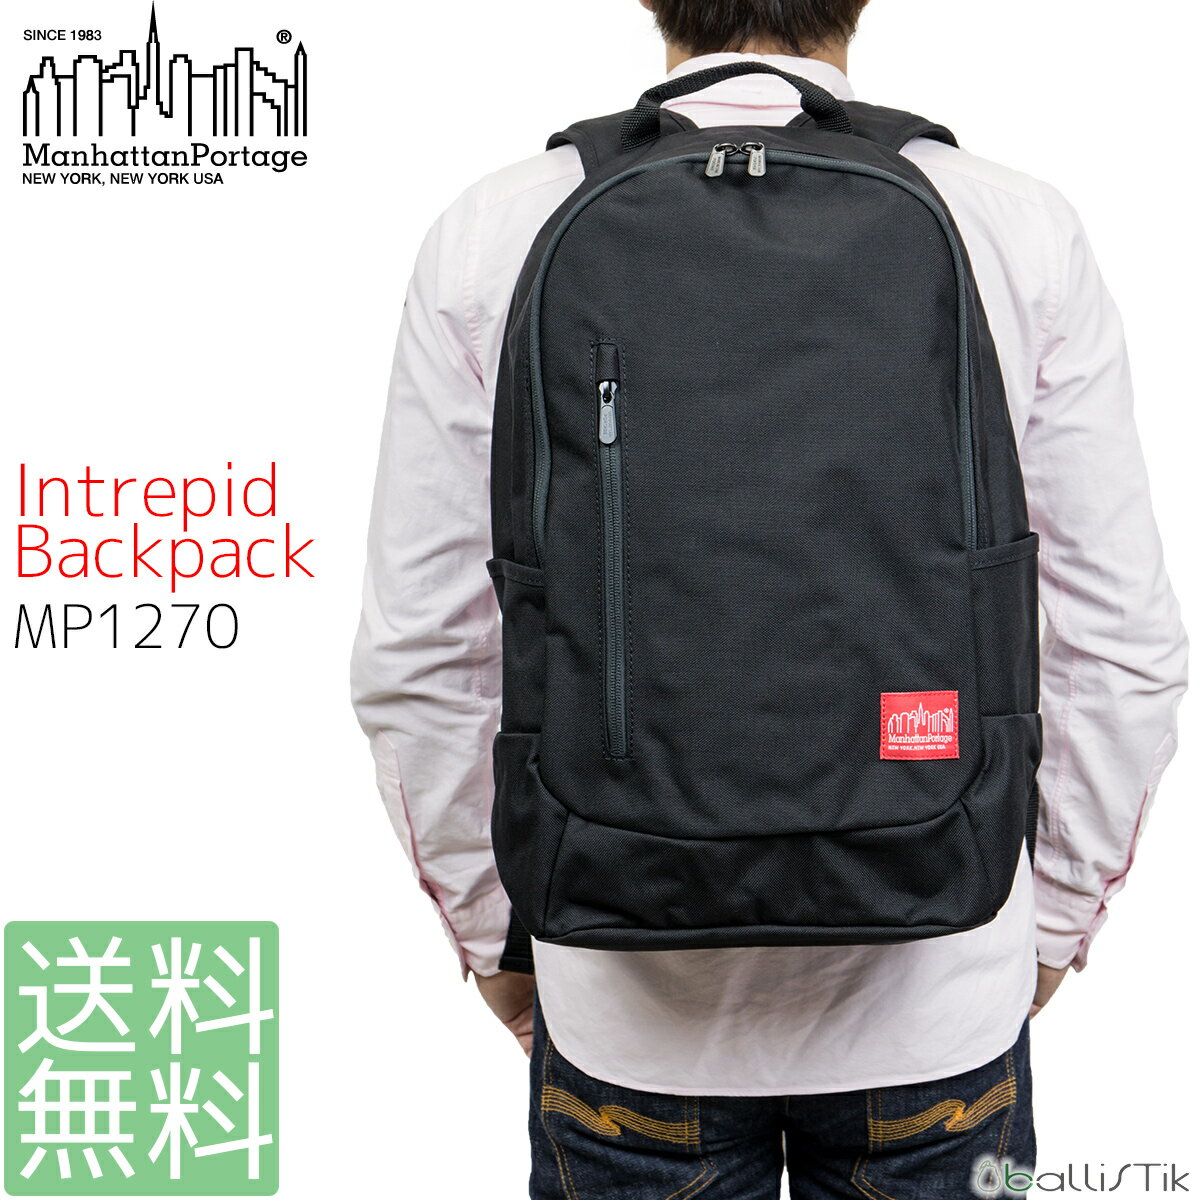 マンハッタンポーテージ リュック バックパック Intrepid Backpack MP1270 メンズ レディース 【 日本正規品 送料無料 あす楽】【ポイント10倍】【お買い物マラソン 買いまわり 買い回り】